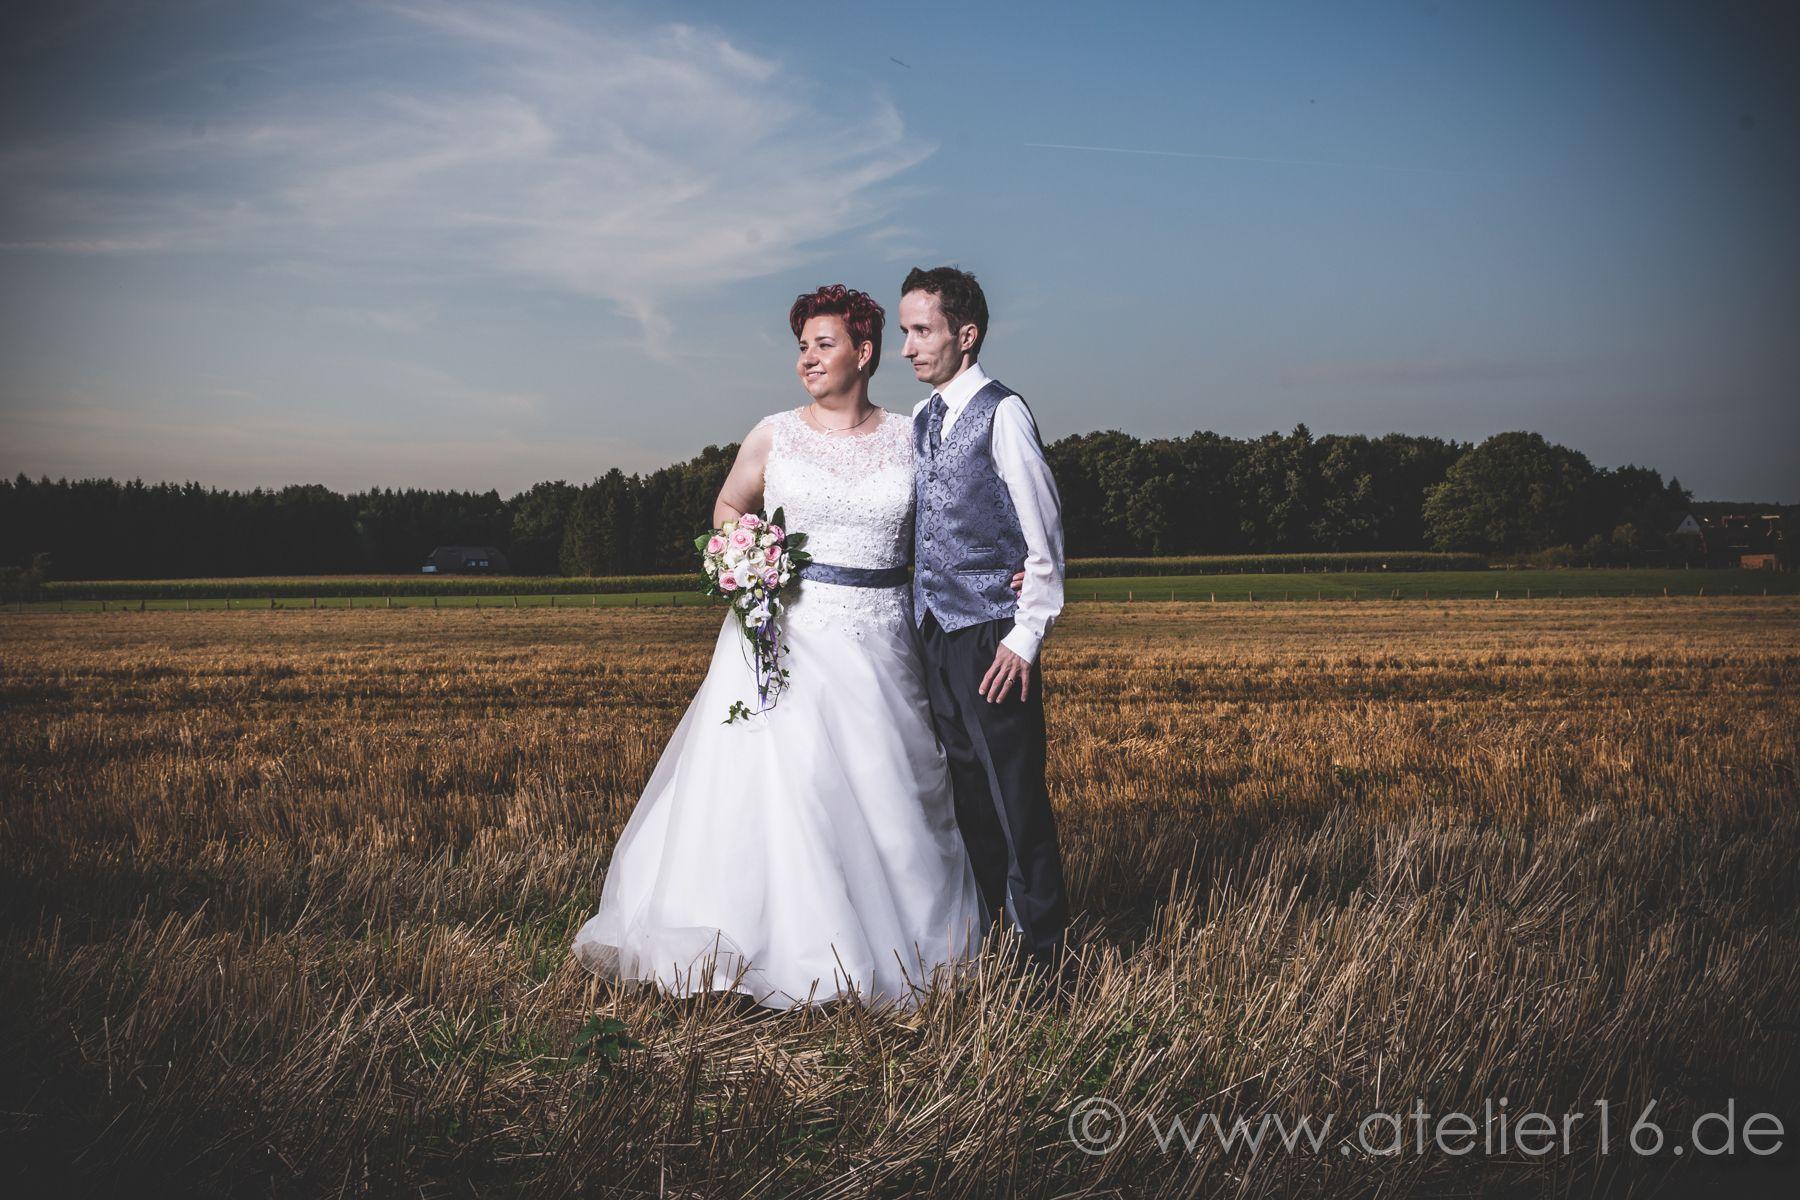 #professionelle #Hochzeitsfotografie #wedding #photography #atelier16 #Osnabrück